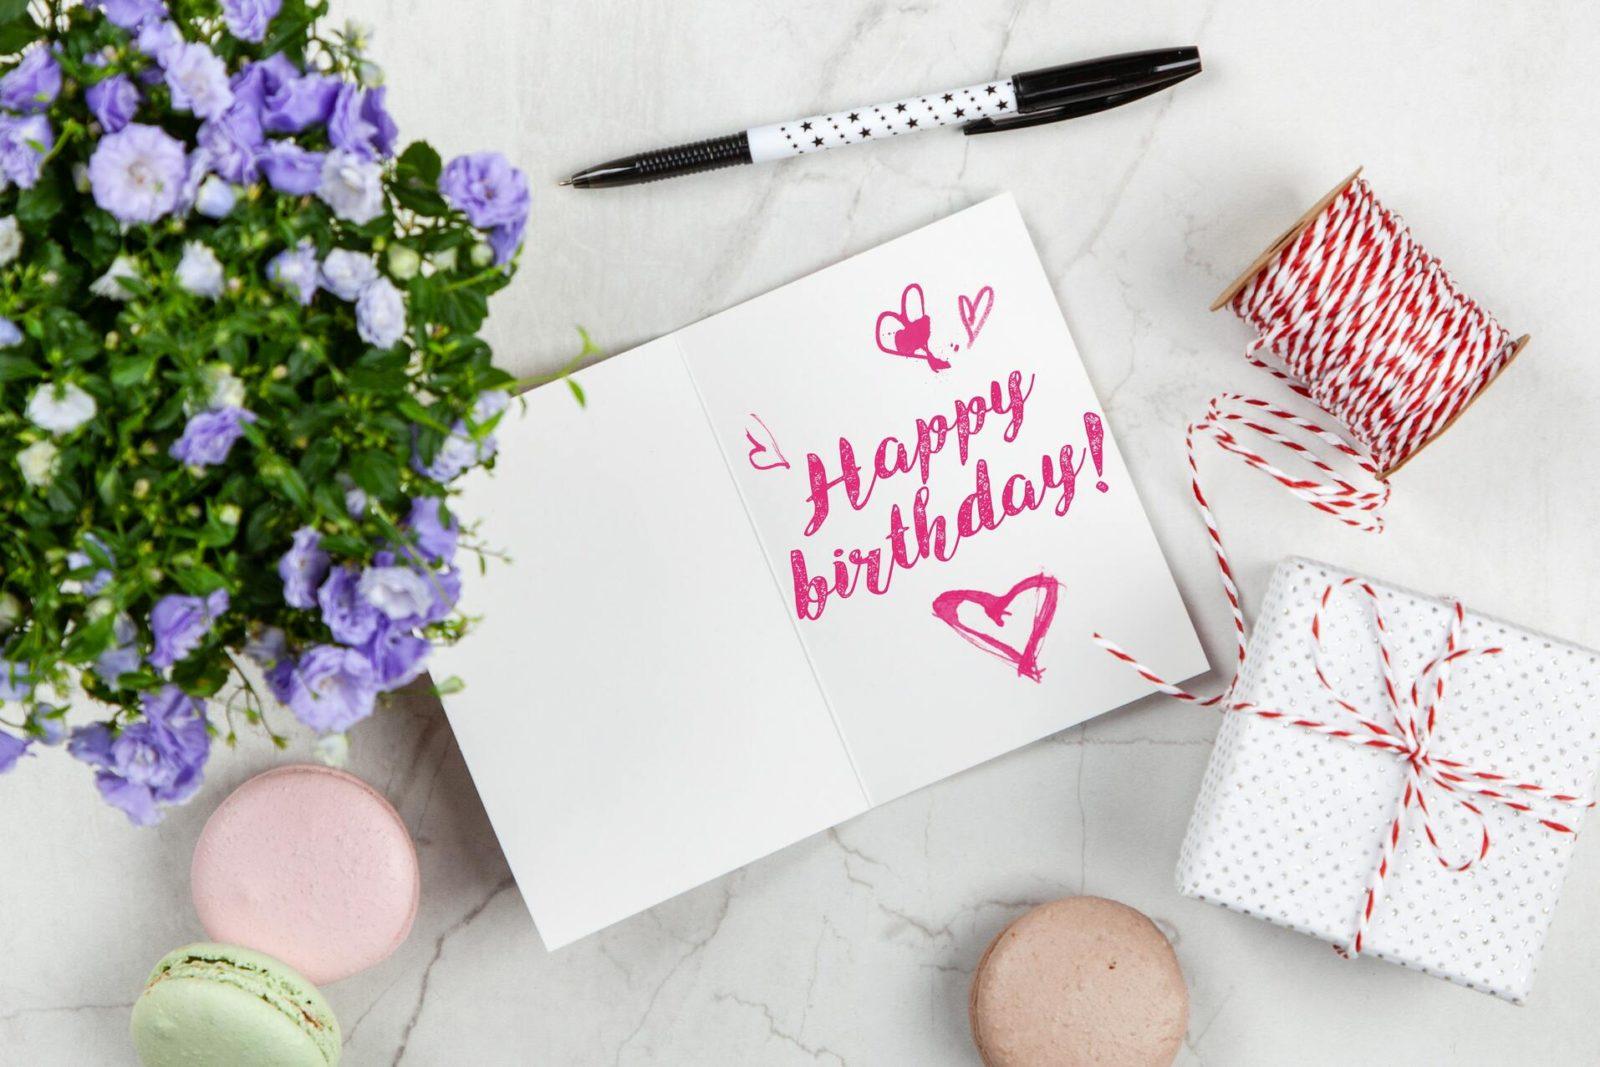 2019父親節創意禮物推薦,在爸爸節送給老爸最好的節慶禮物